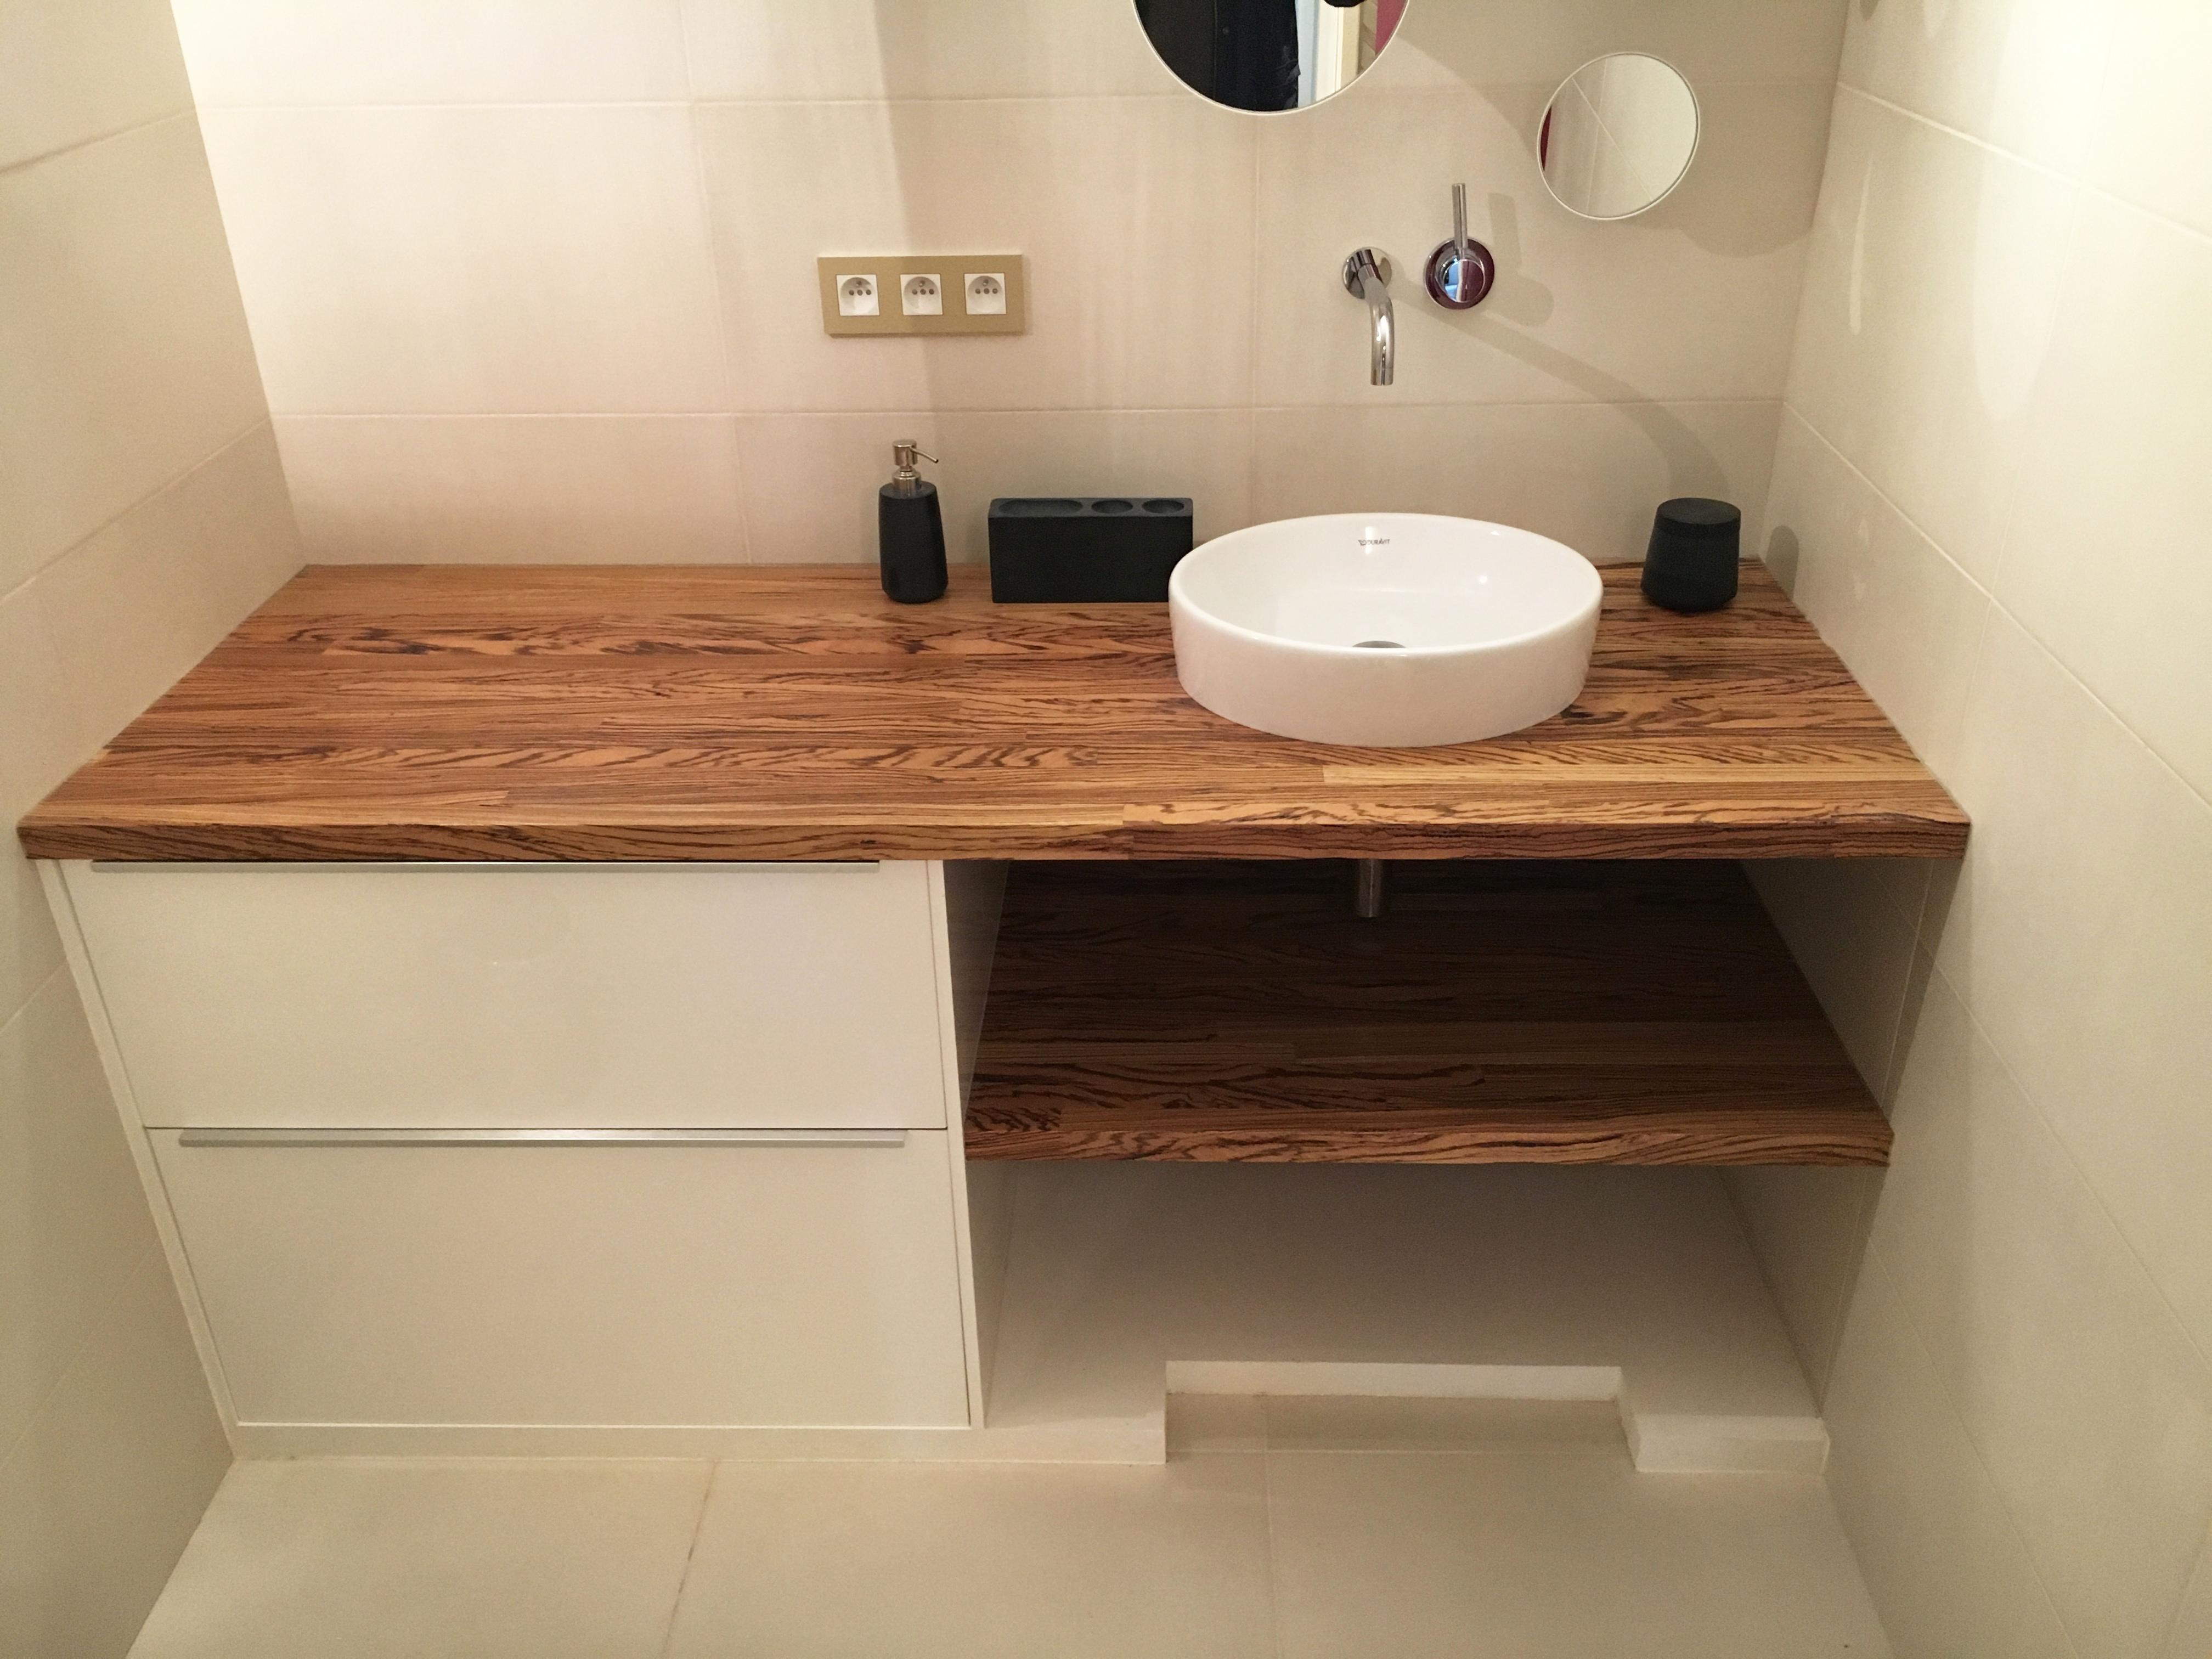 Salle de bain #2 : Meuble vasque \'sur mesure\' - tablettes en ...